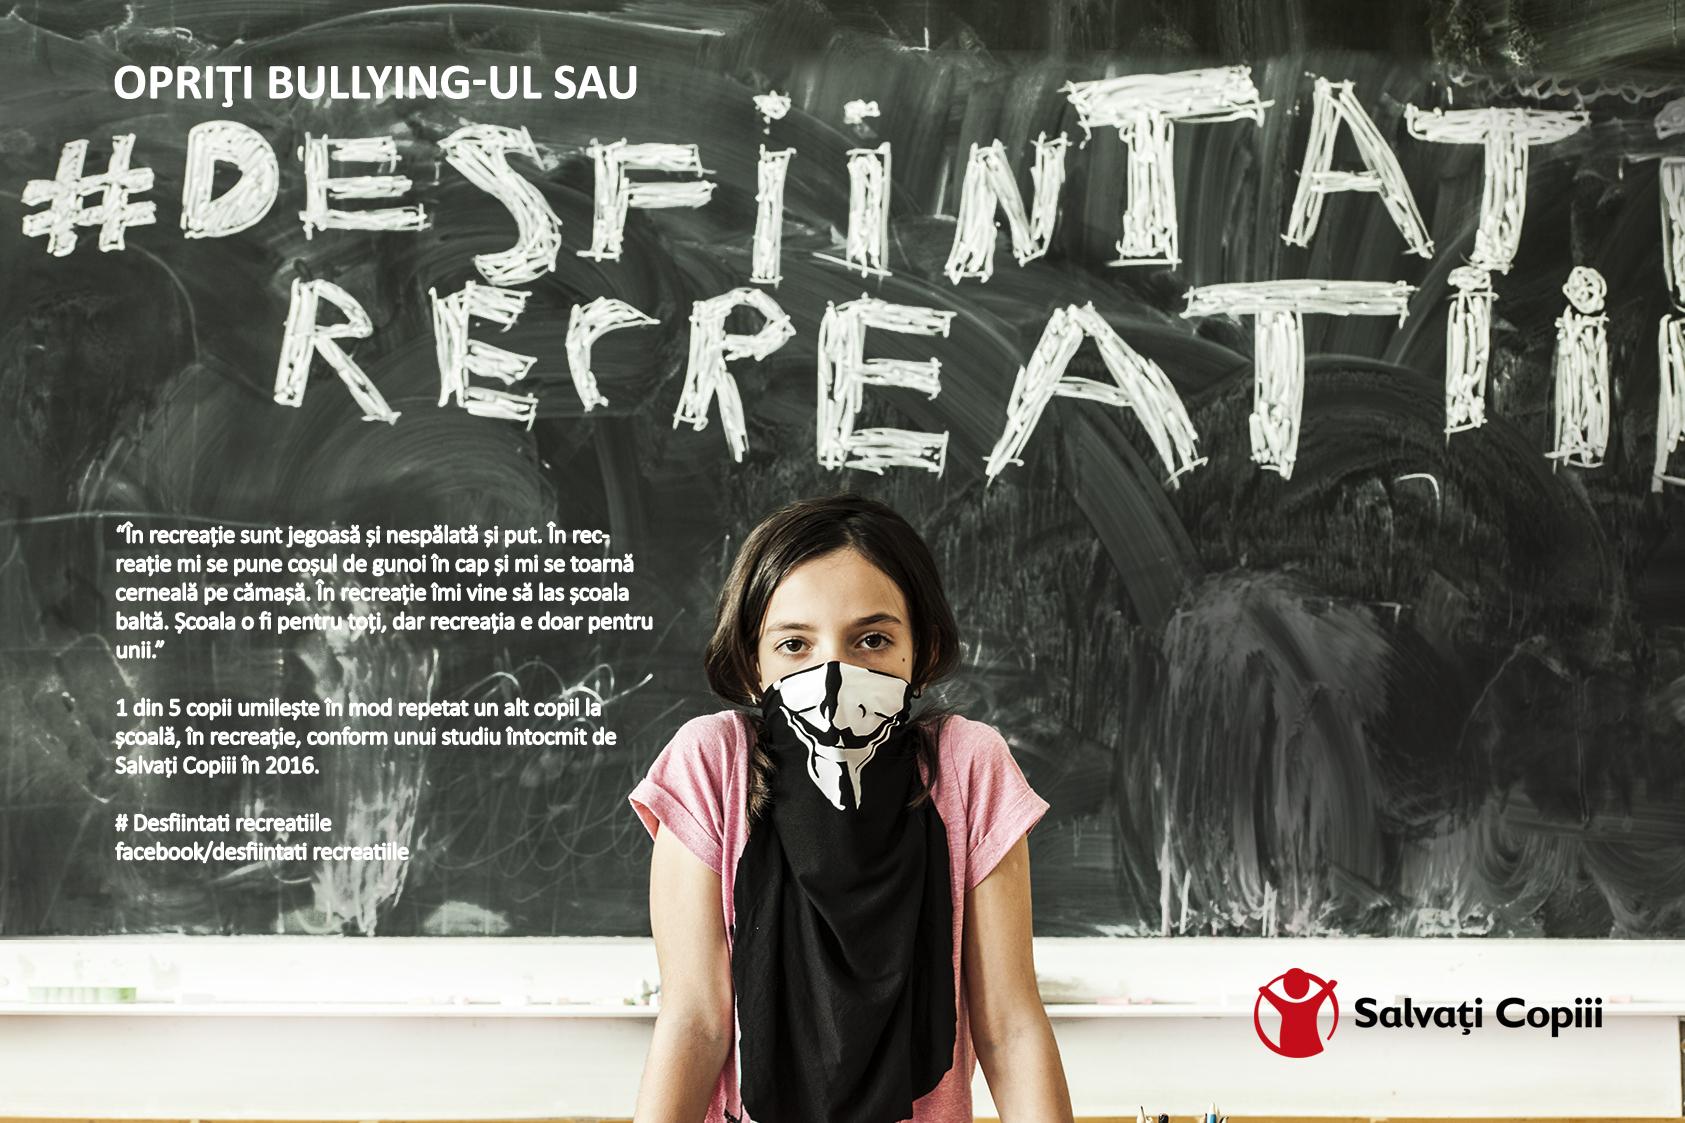 Opriti bullying-ul sau desfiintati recreatiile